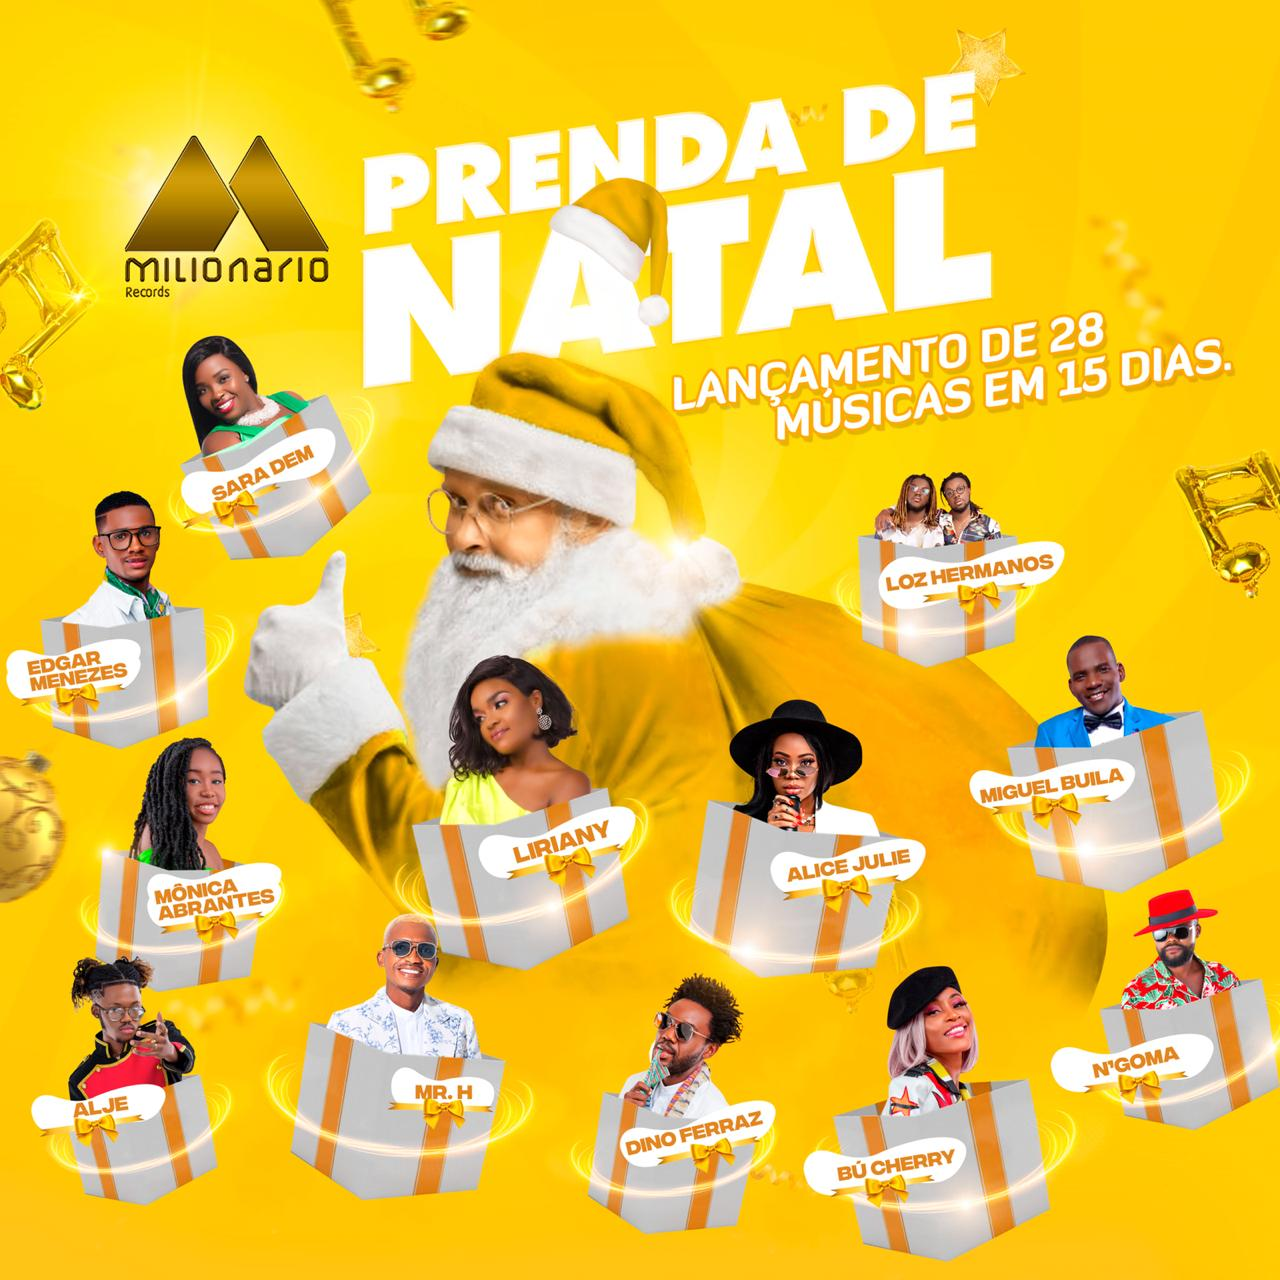 Prenda de Natal: Milionário Records apresenta colectânea musical